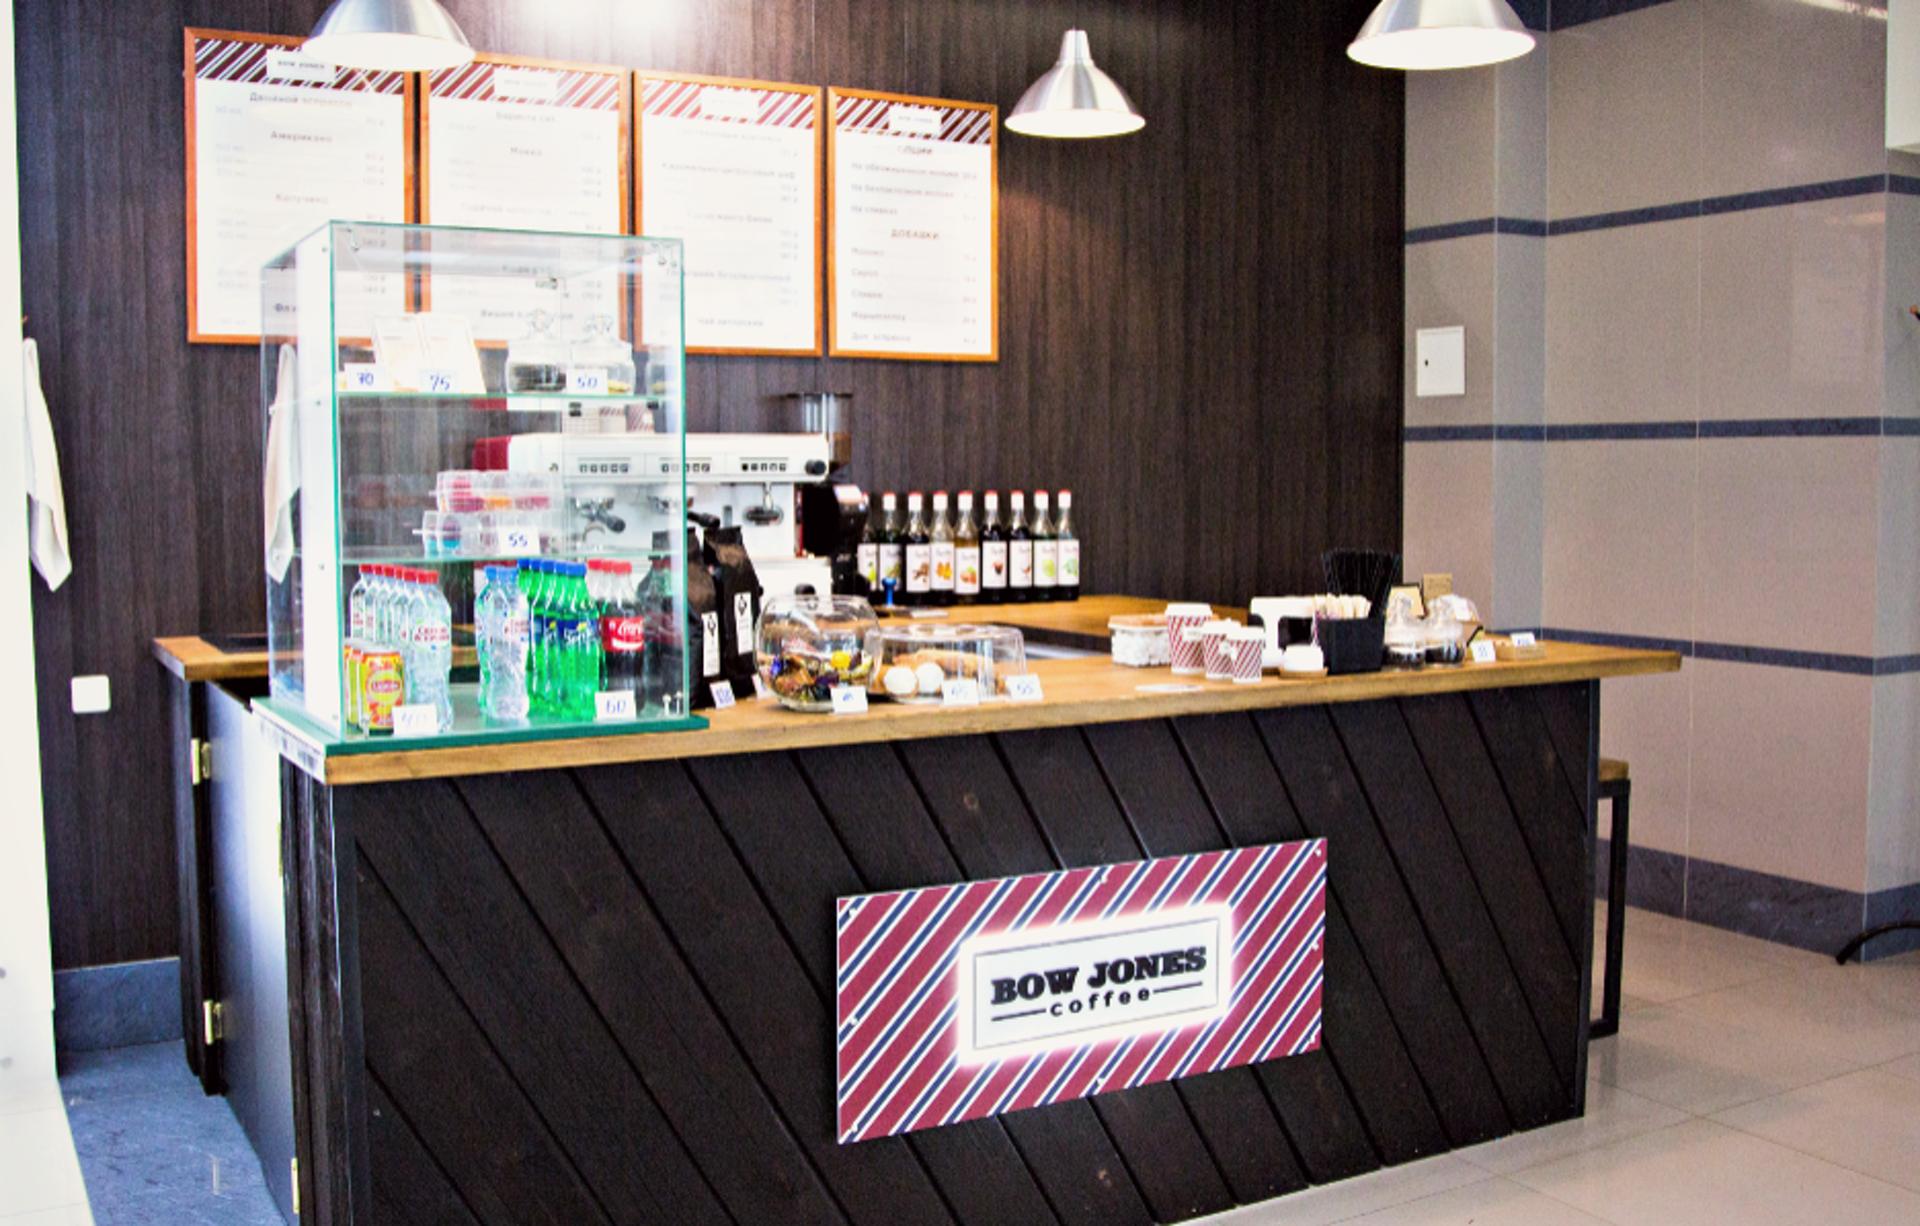 Bow Jones Coffee приглашает угоститься кофе и печеньем!